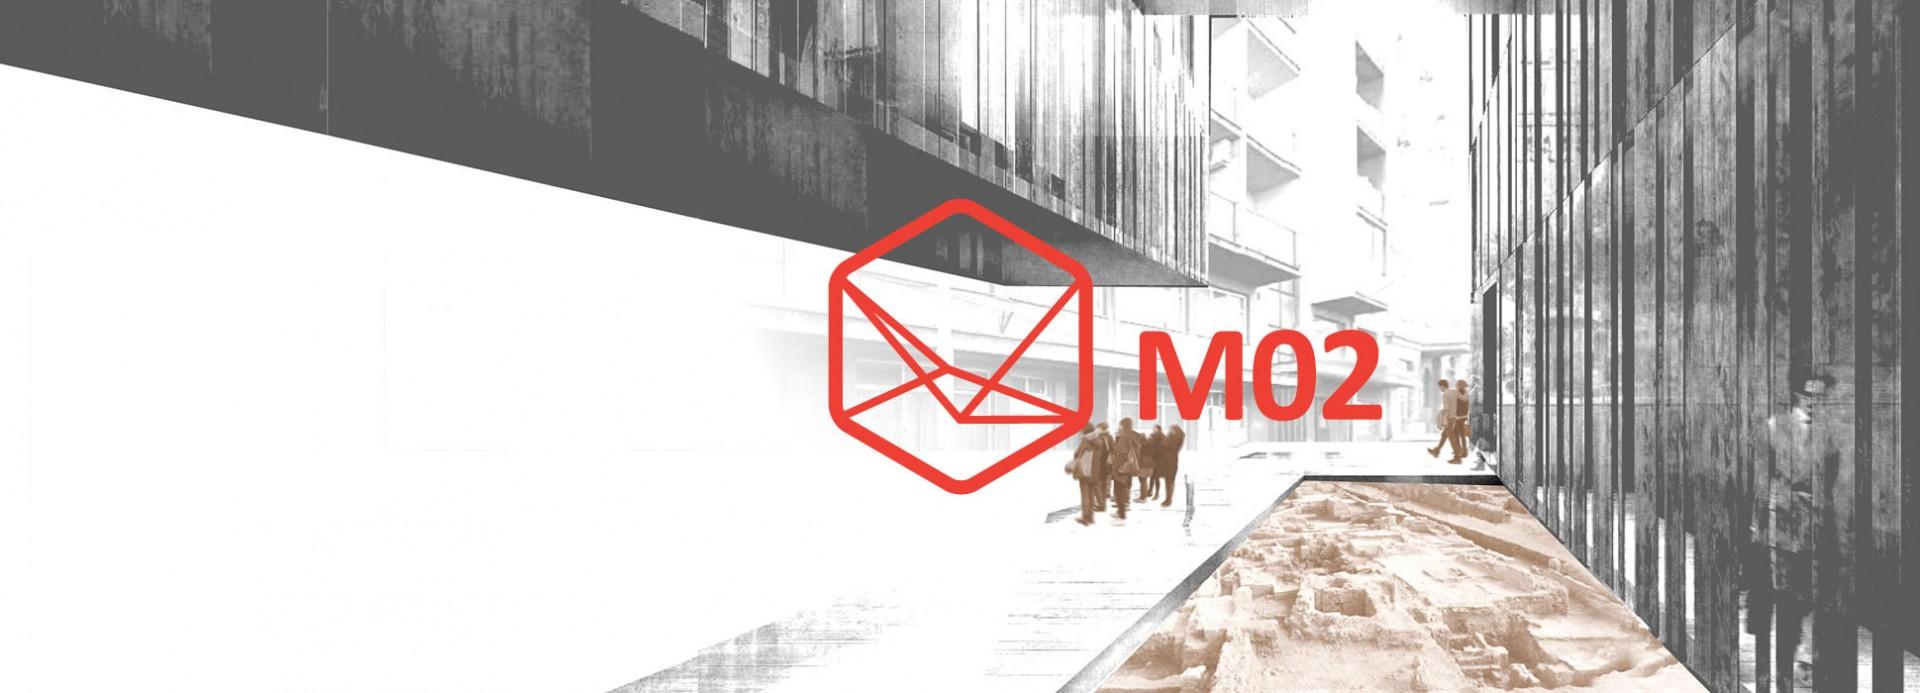 Веб изложба: Мастер Студио М02 – Пројекат 2016/17